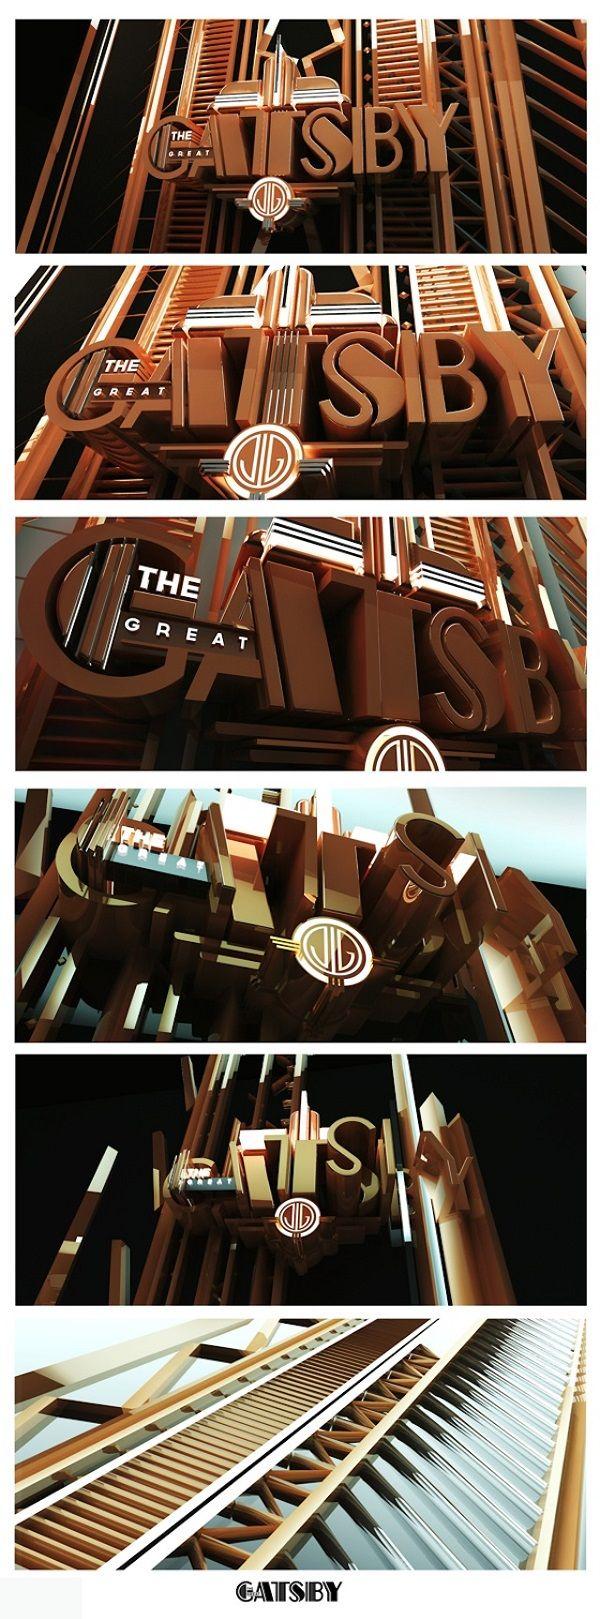 Design Studio Reveals The Branding Process Of 'The Great Gatsby' - DesignTAXI.com